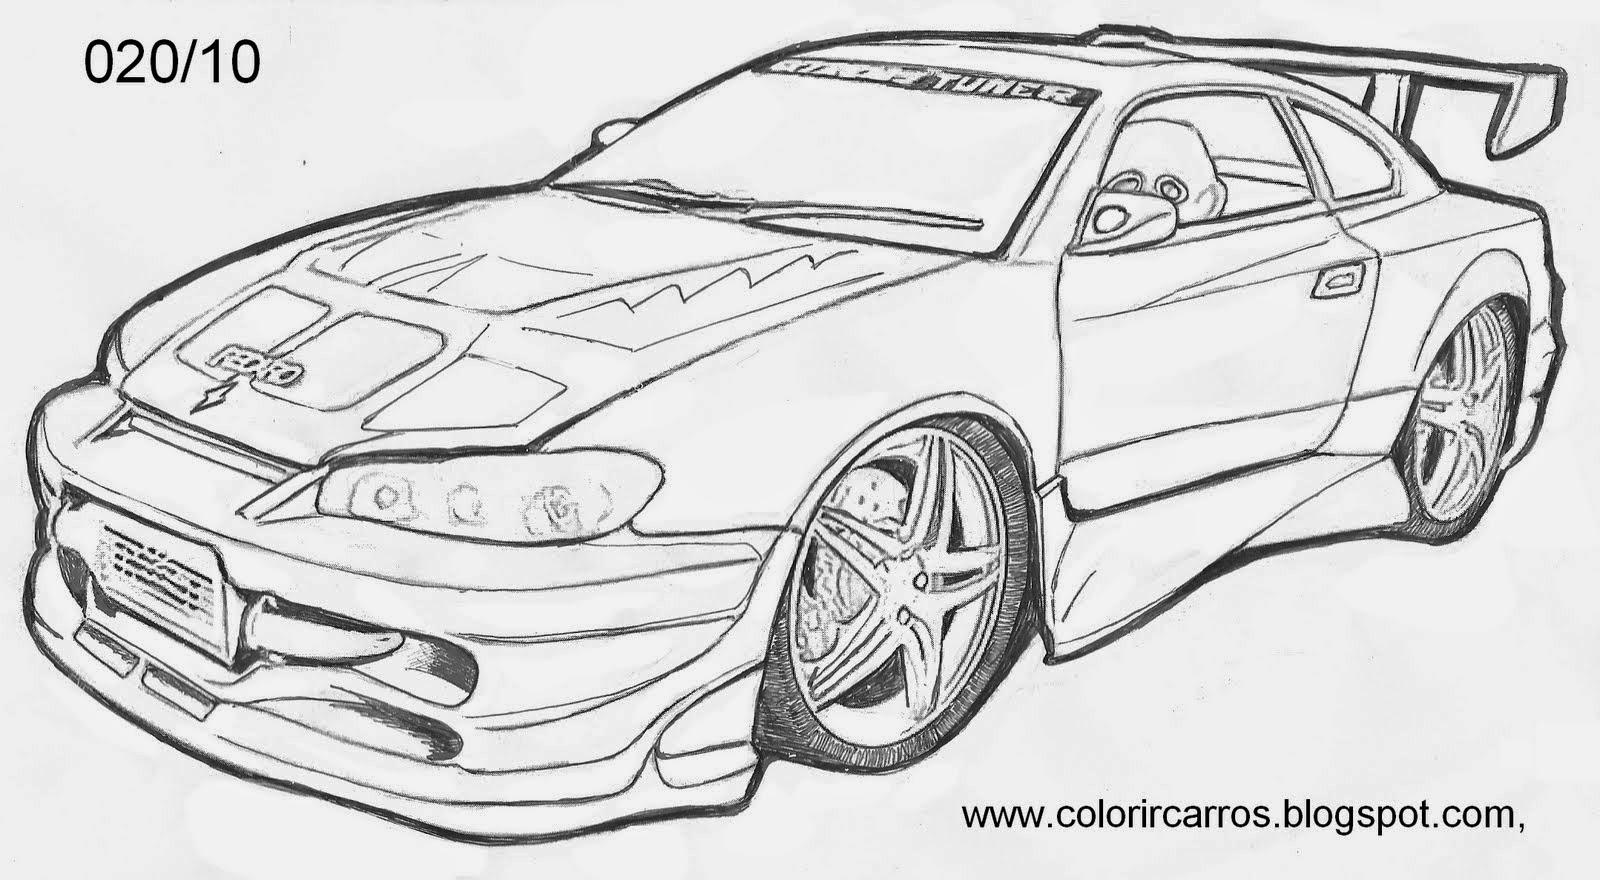 Desenhos Para Colorir Carros Camaro - Colorir